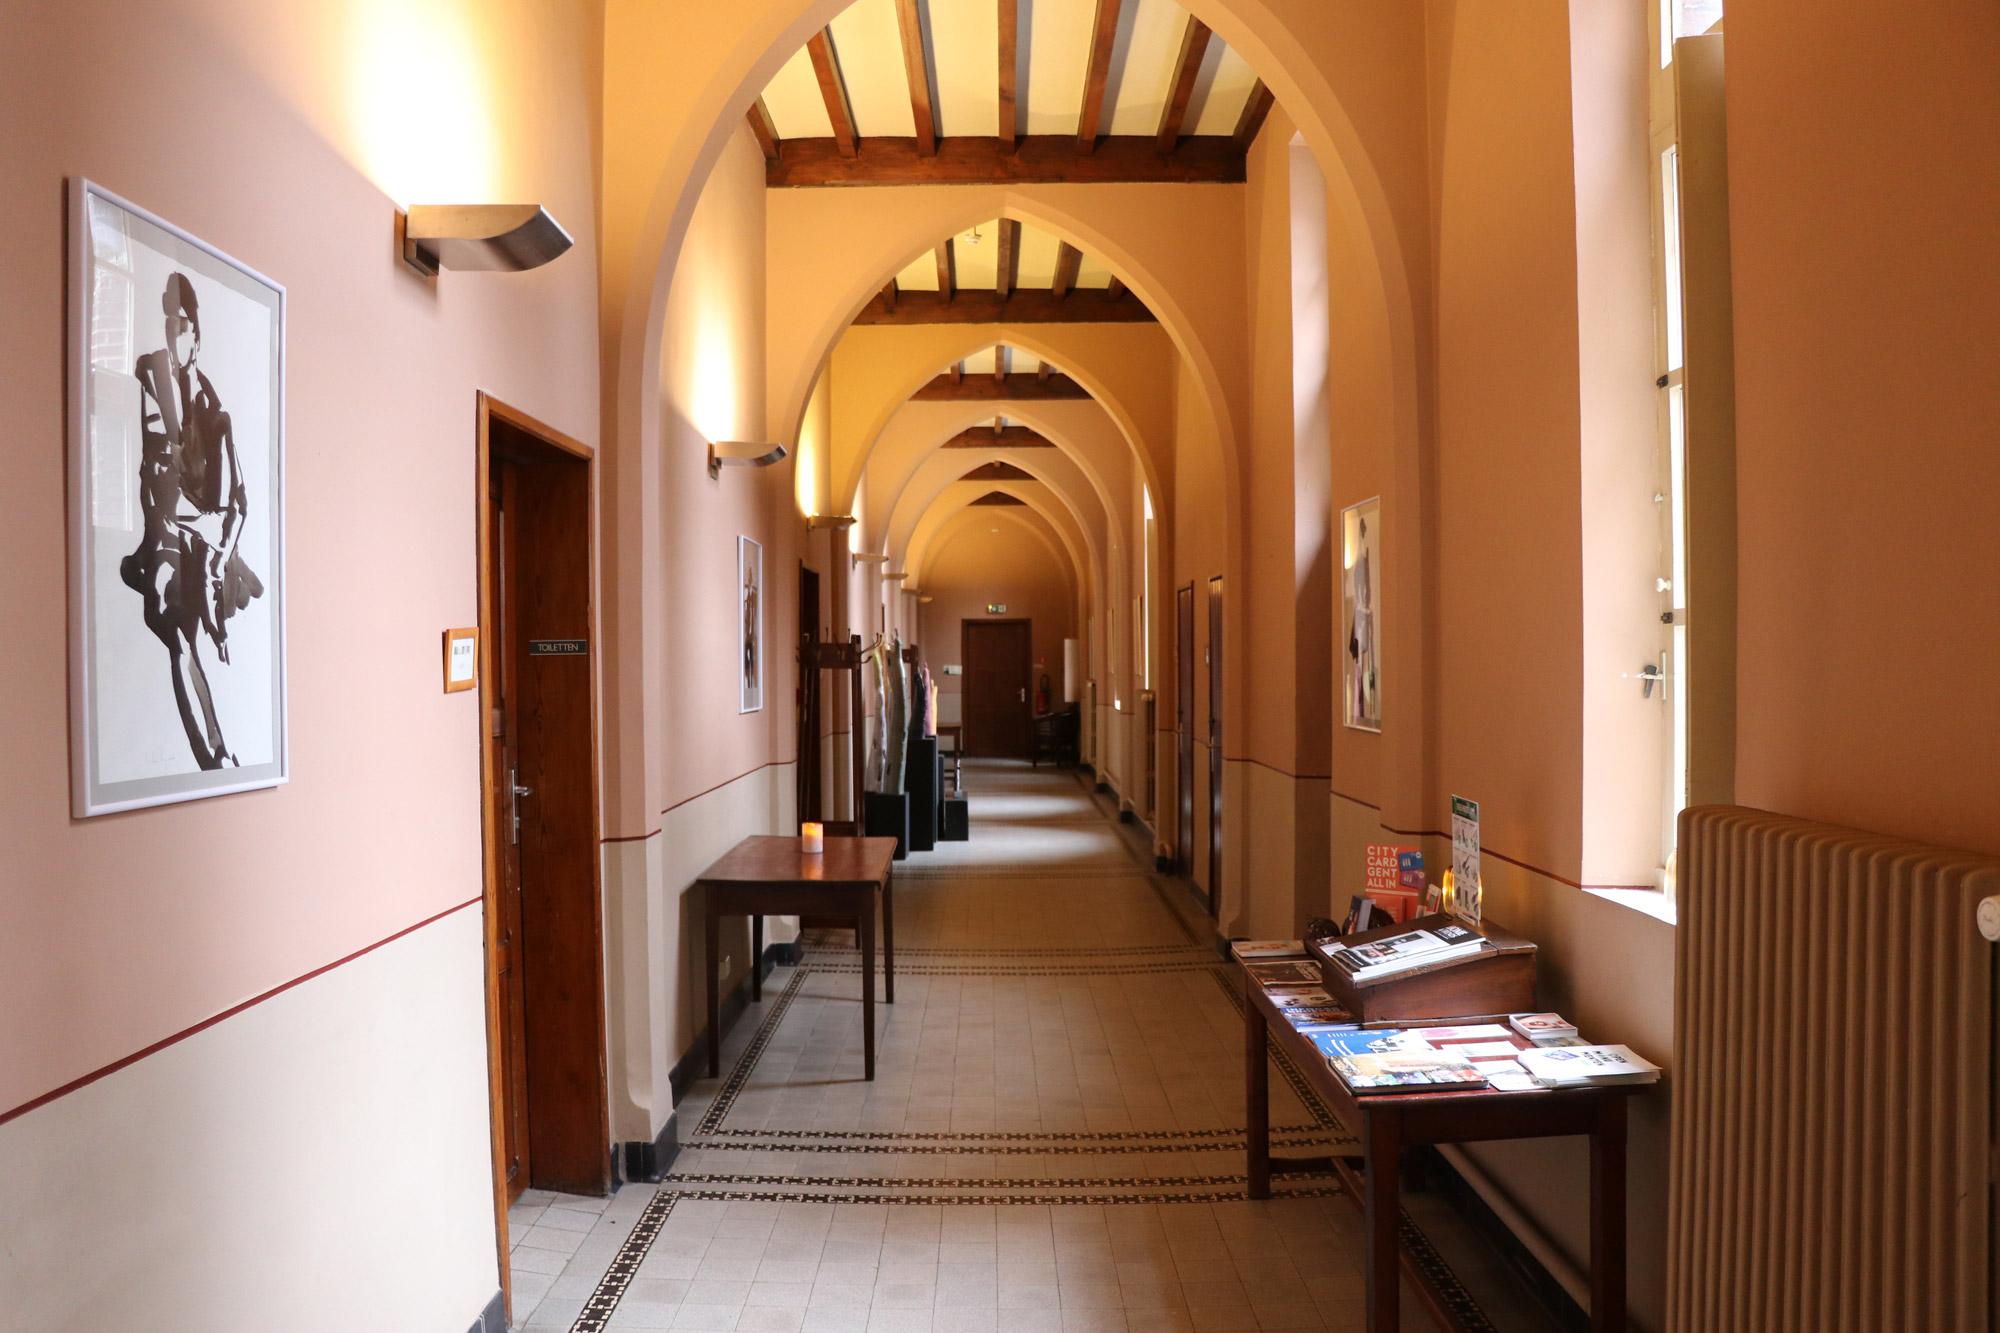 Mijn tips voor Gent - Slapen in een voormalig klooster